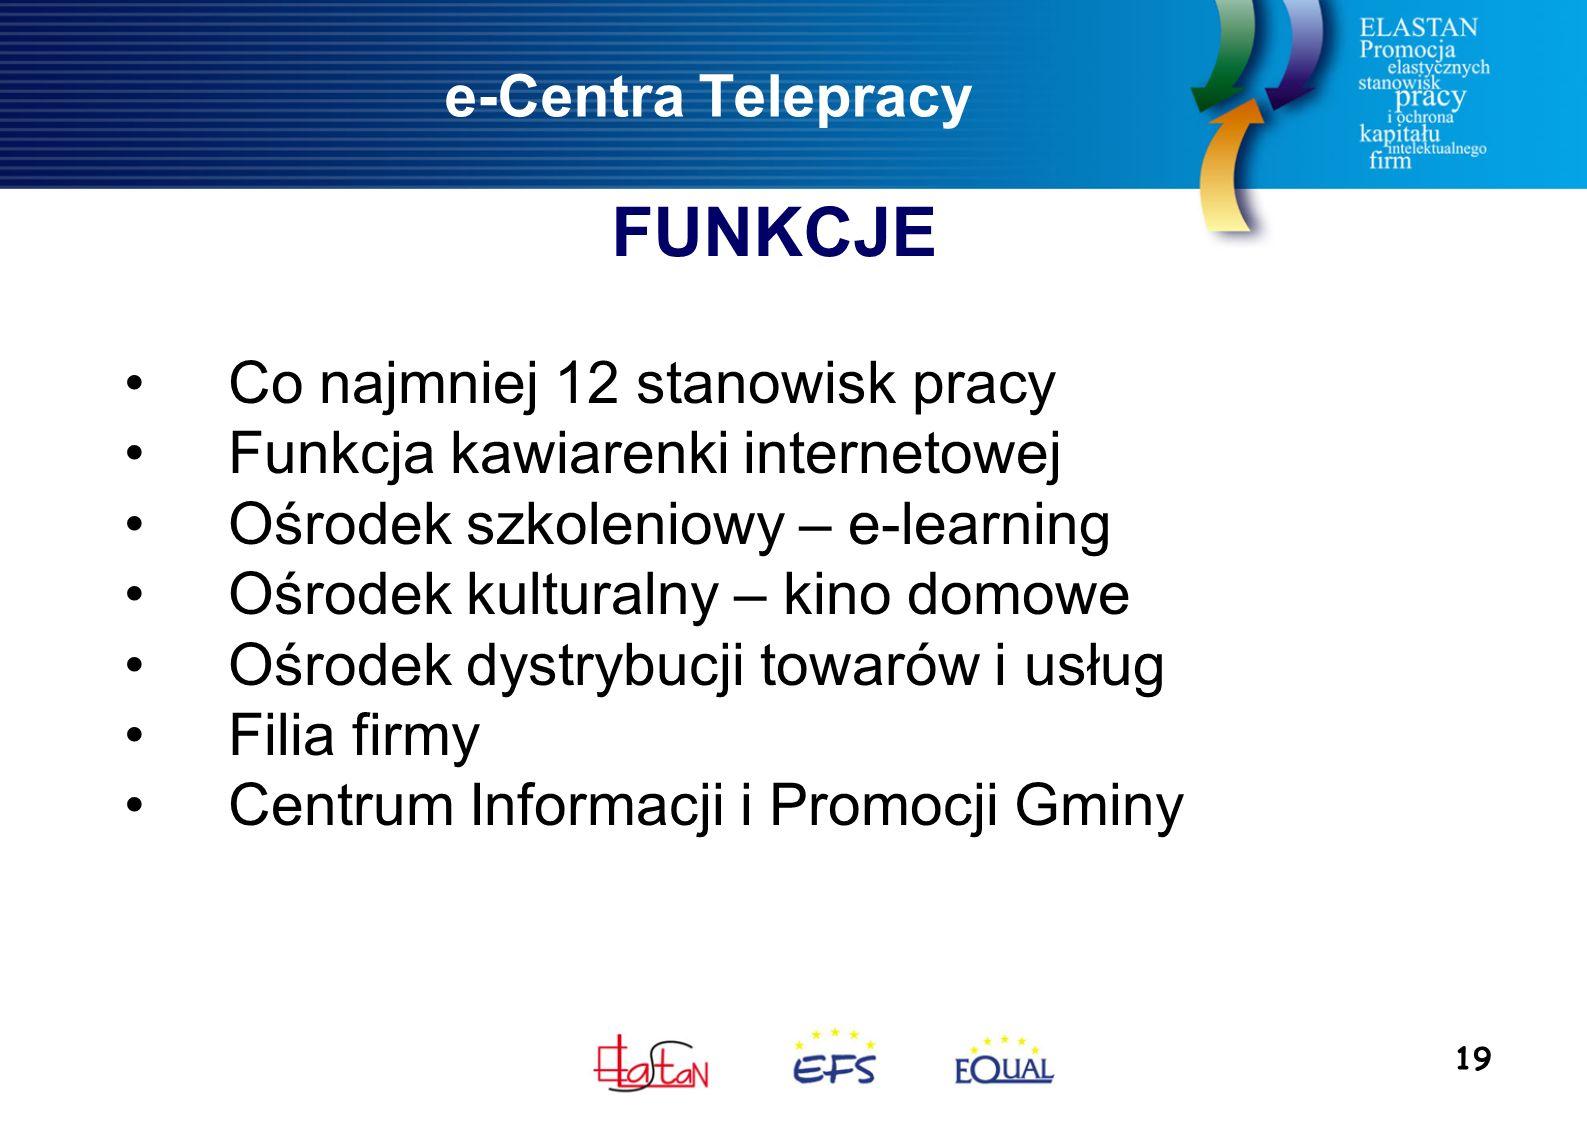 19 e-Centra Telepracy Co najmniej 12 stanowisk pracy Funkcja kawiarenki internetowej Ośrodek szkoleniowy – e-learning Ośrodek kulturalny – kino domowe Ośrodek dystrybucji towarów i usług Filia firmy Centrum Informacji i Promocji Gminy FUNKCJE